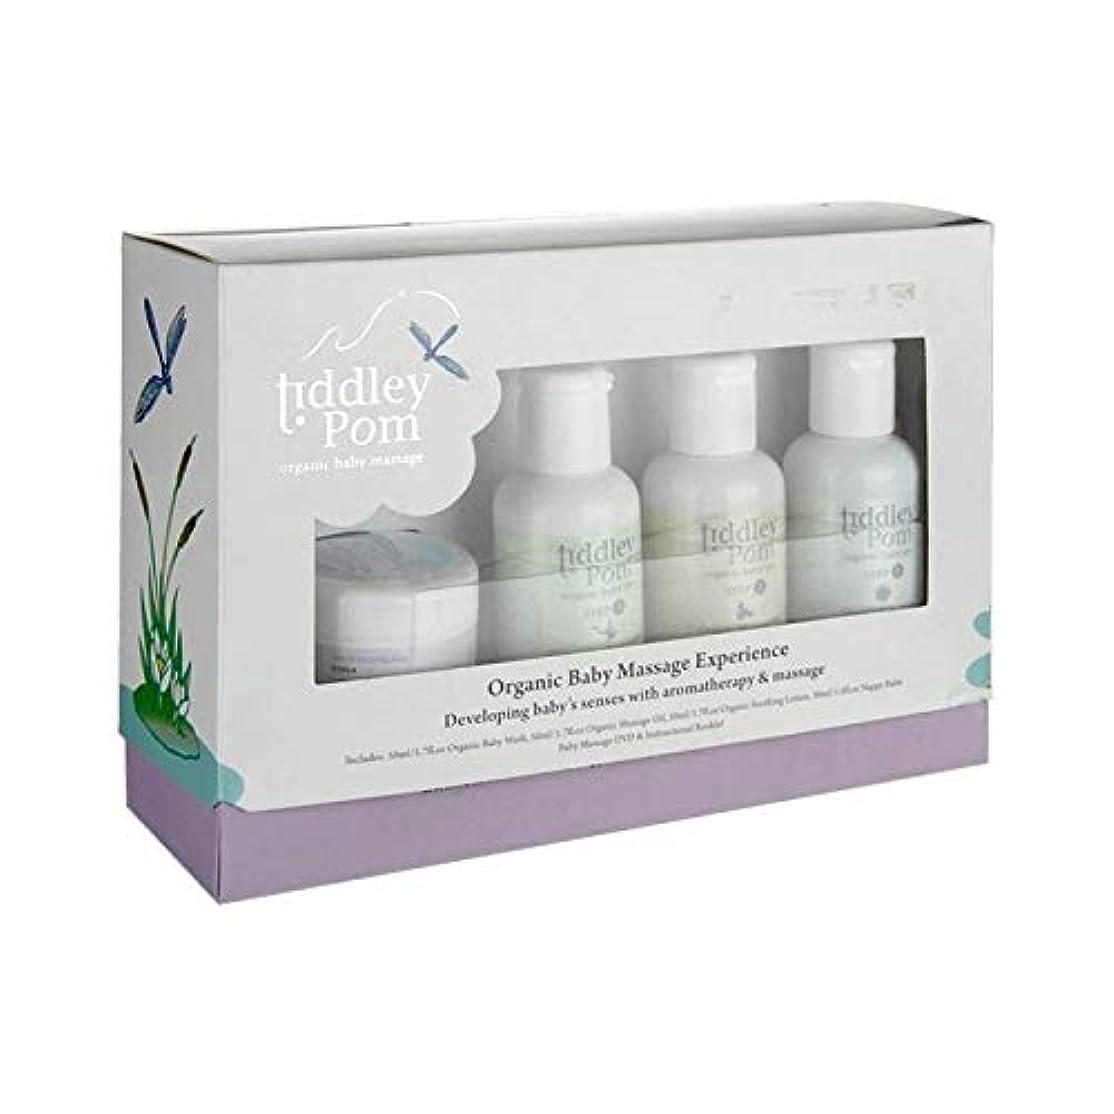 限定建物冷酷な[Tiddley Pom] Tiddleyポンポン有機ベビーマッサージのギフトセット - Tiddley Pom Organic Baby Massage Gift set [並行輸入品]